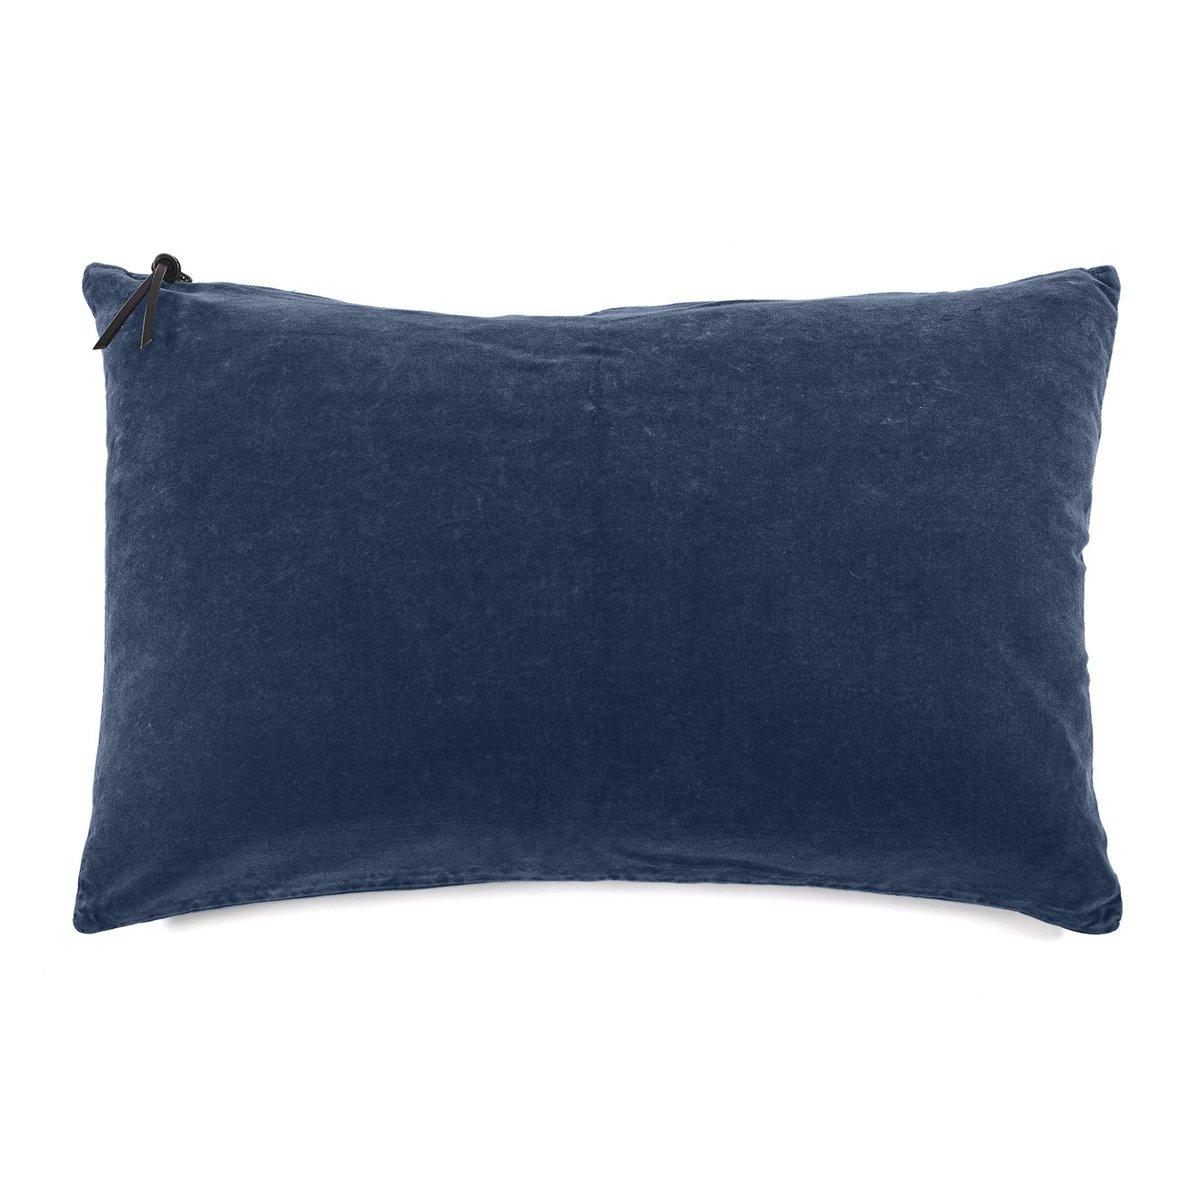 COUSSIN - Lavage de velours Bleu Pétrole 50x70